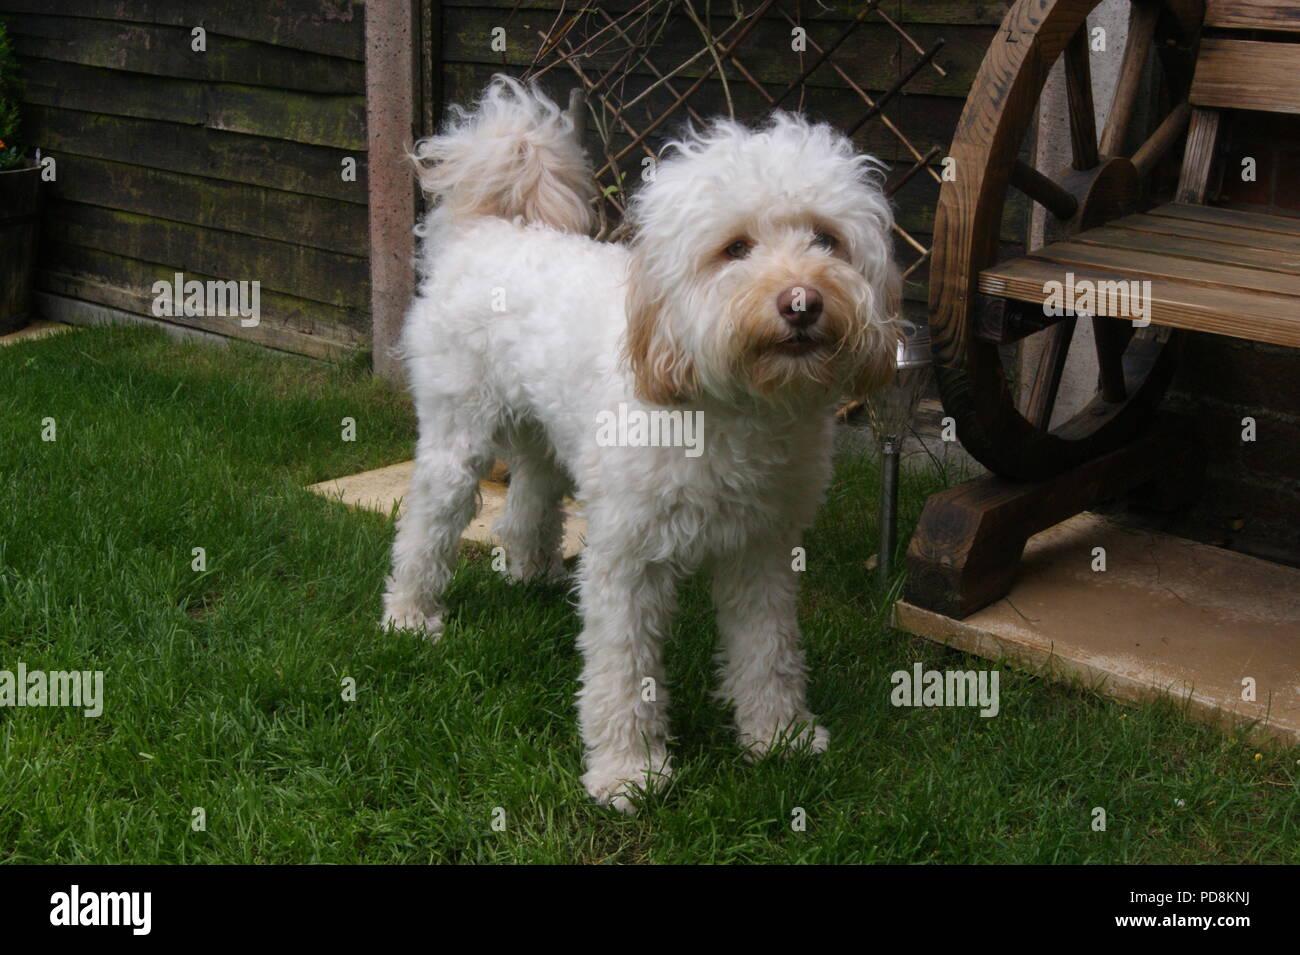 Cockerpoo dog in garden Stock Photo